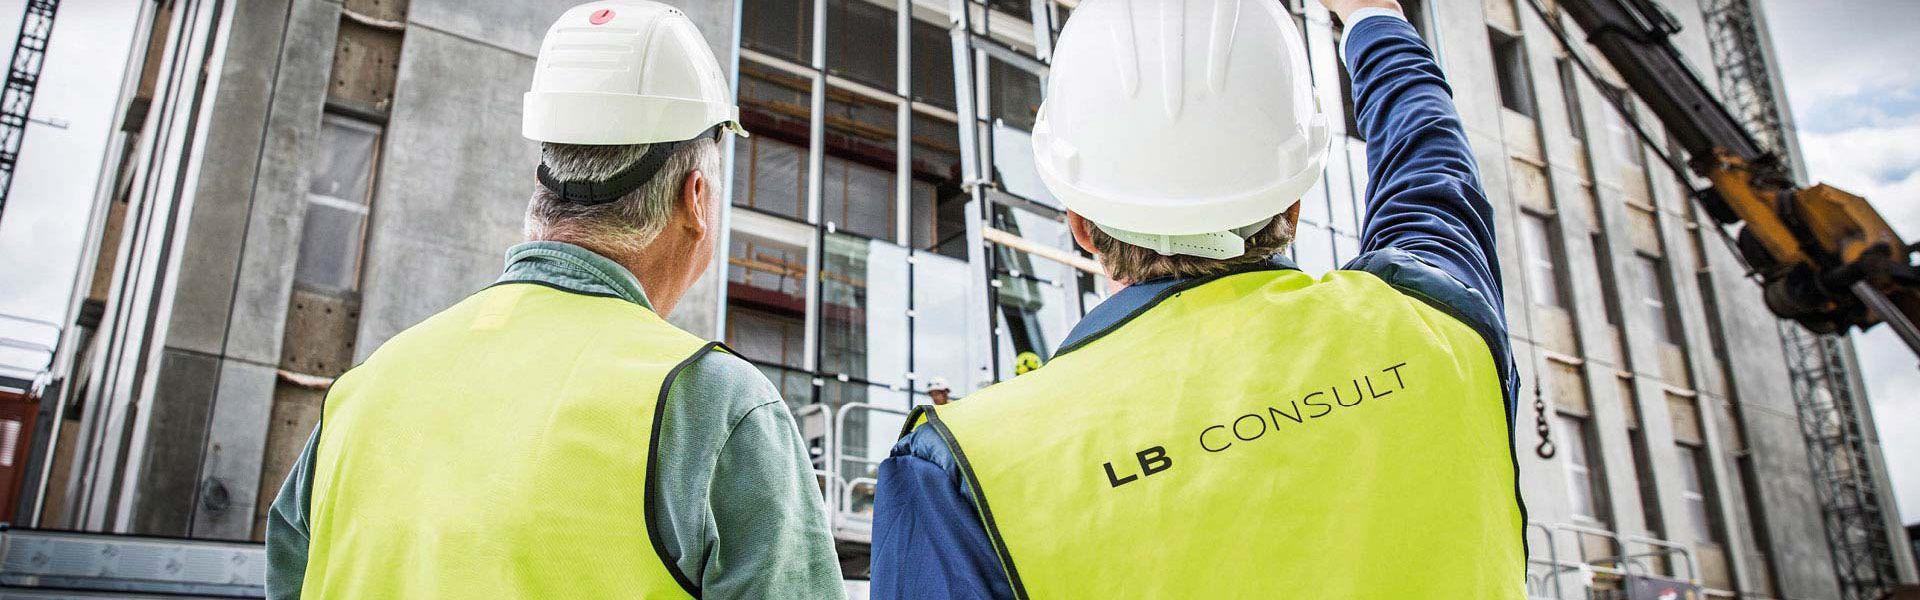 LB Consult